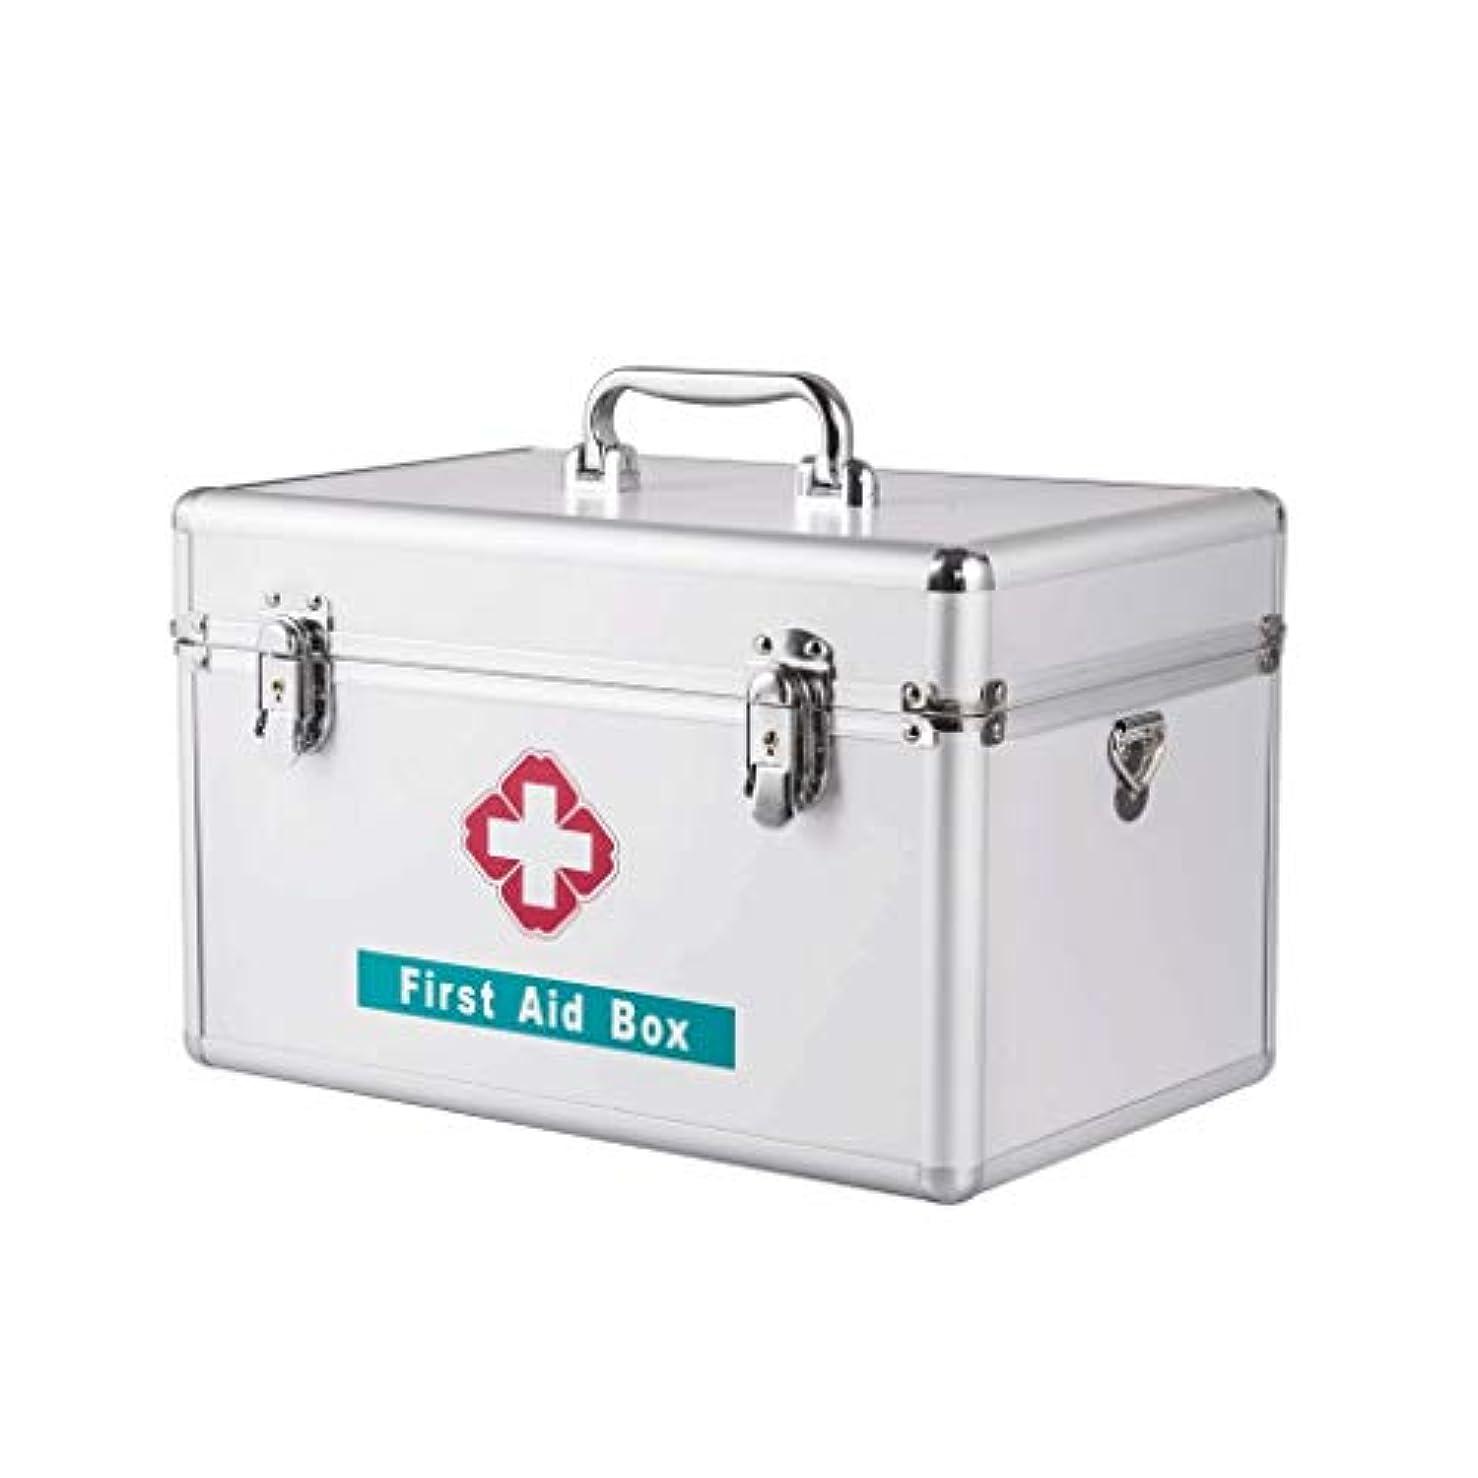 後退する粉砕するカストディアン救急薬収納ボックスのうちショルダーストラップ付き緊急医療キット付き大容量薬箱シルバー HUXIUPING (Size : 16 inch)